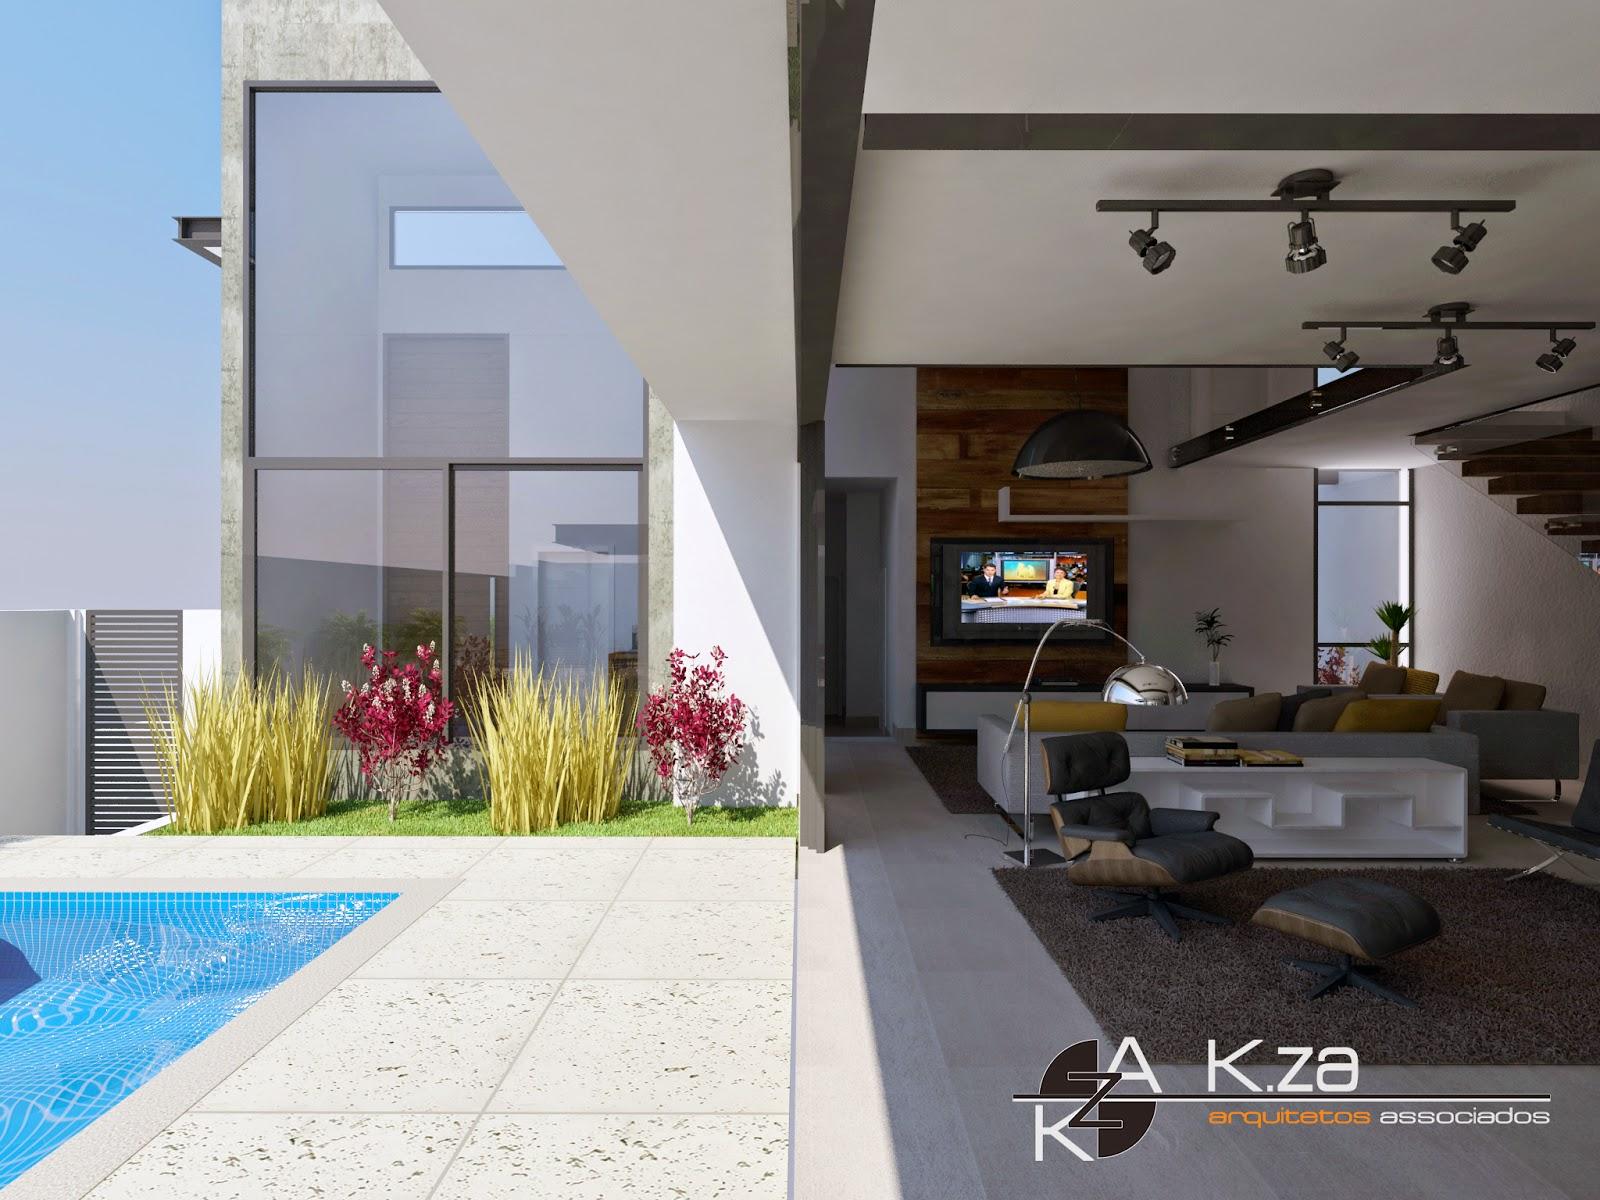 Kza arquitetos associados resid ncia 02 cond swiss park for M park geneve